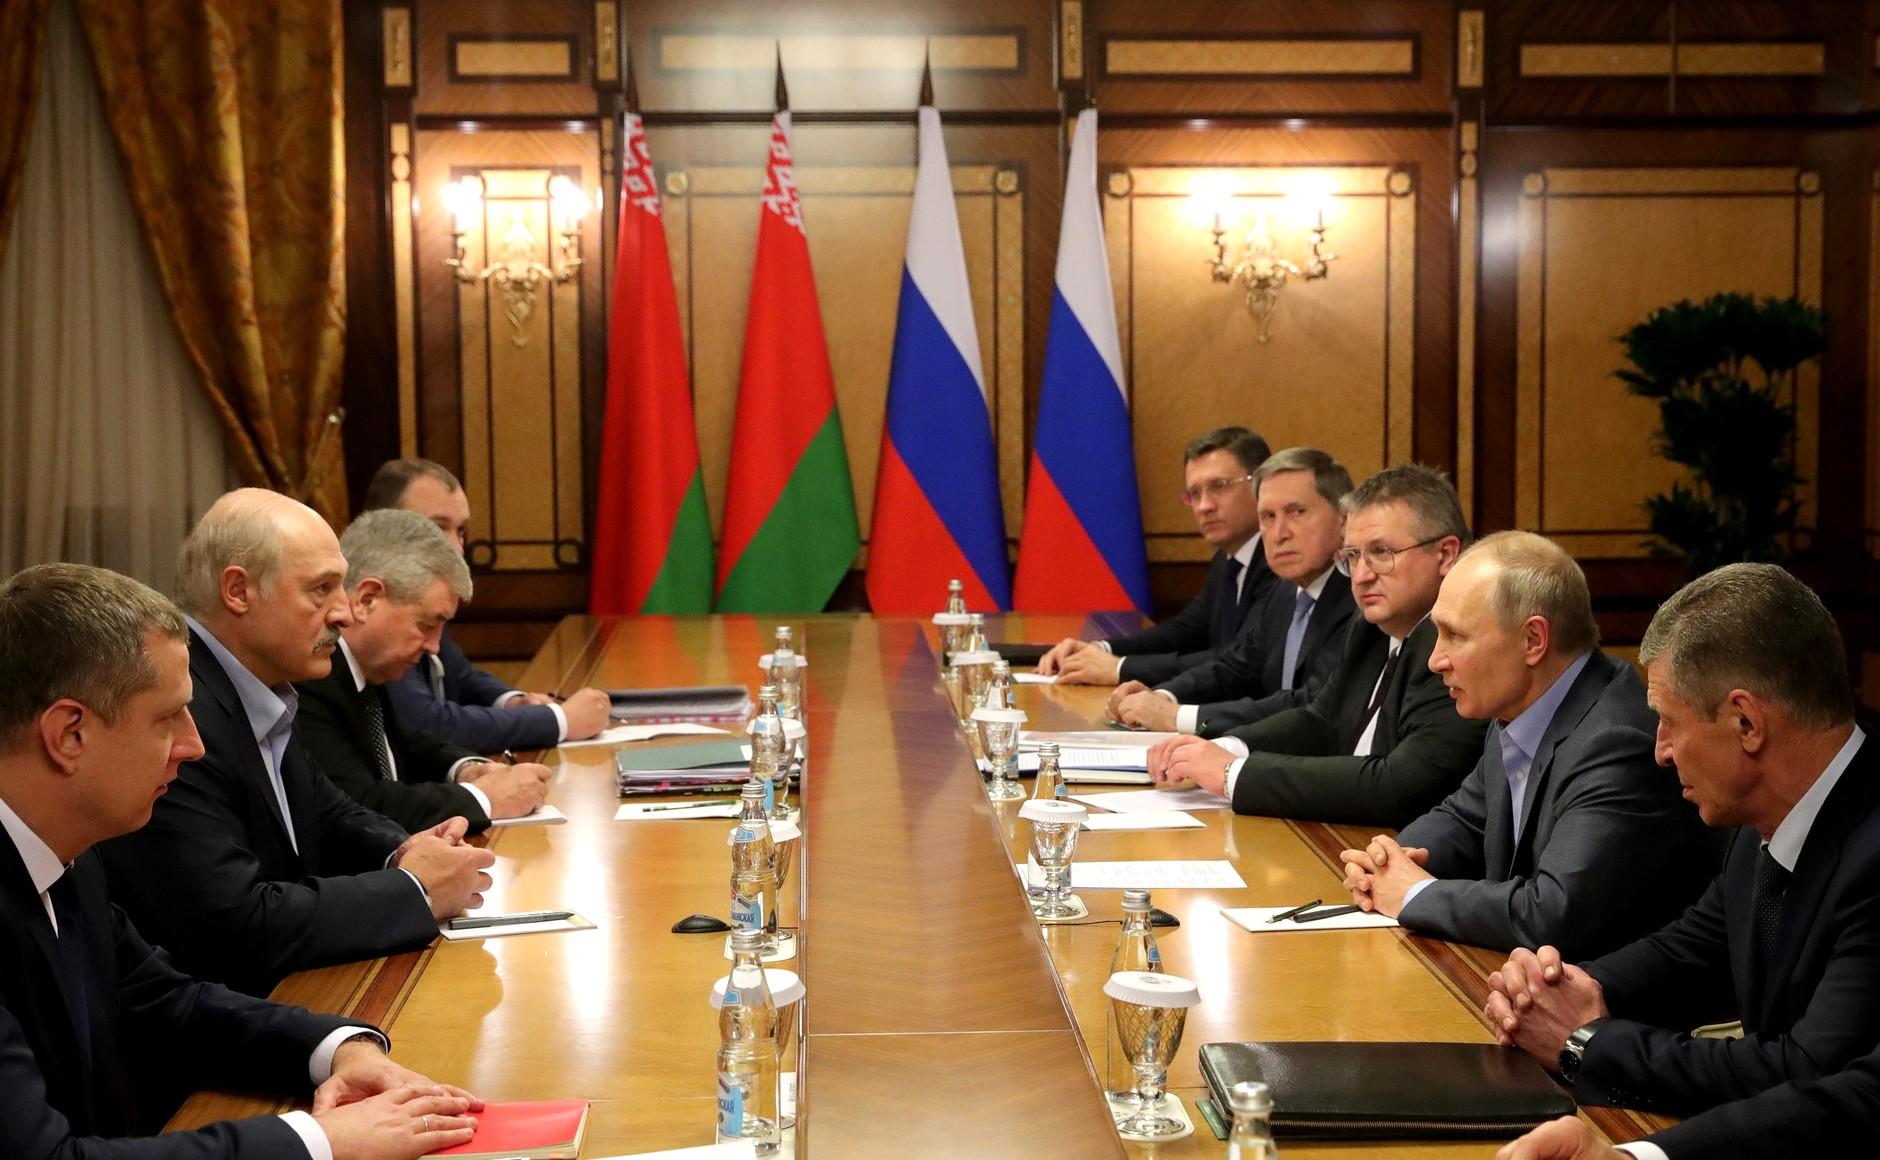 Darum ist die Integration zwischen Russland und Weißrussland noch nicht gelungen